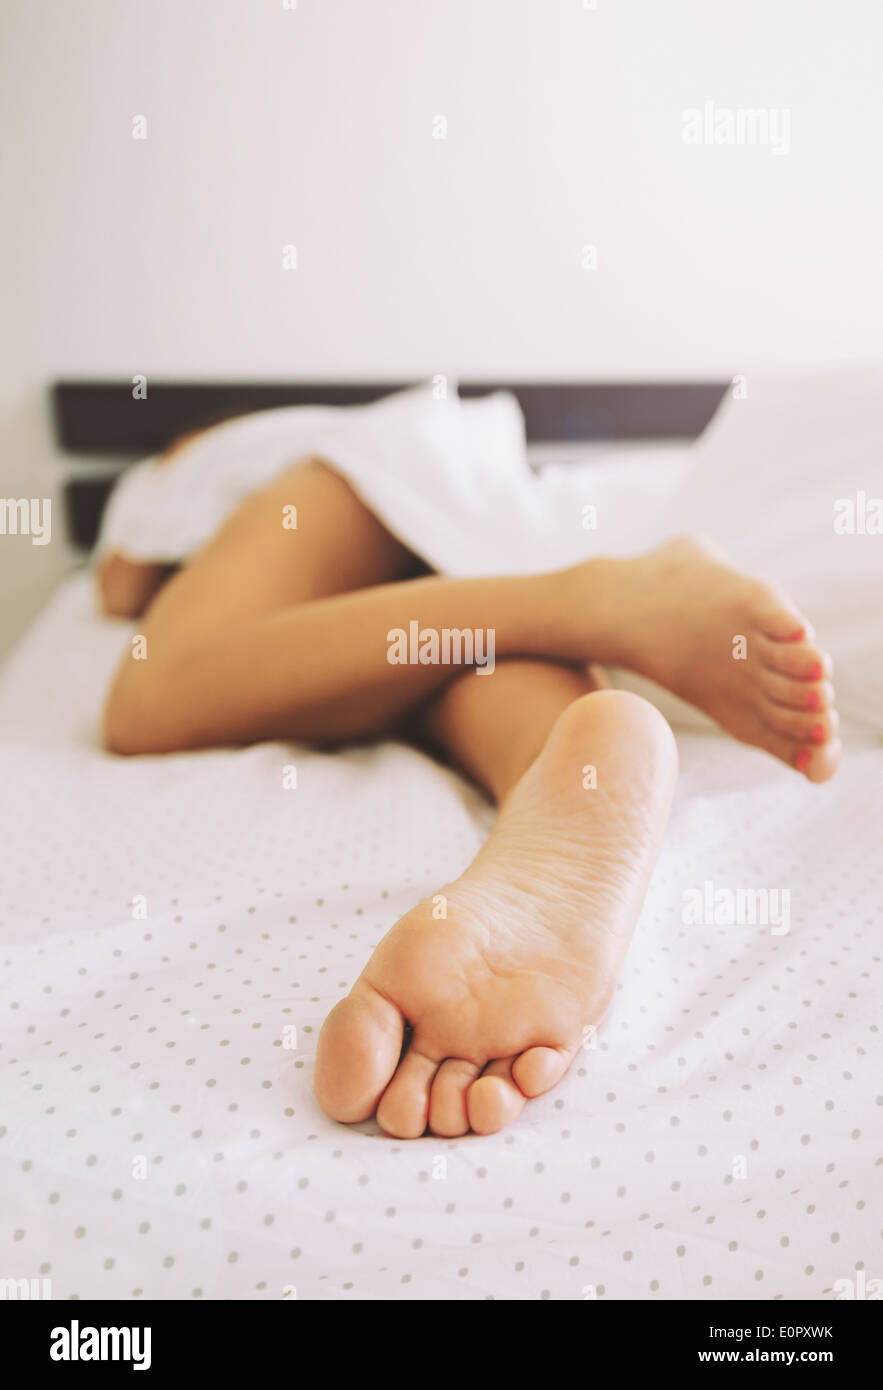 Las piernas desnudas de una mujer joven dormía en su cama, en su casa. Se centran en las piernas. Imagen De Stock